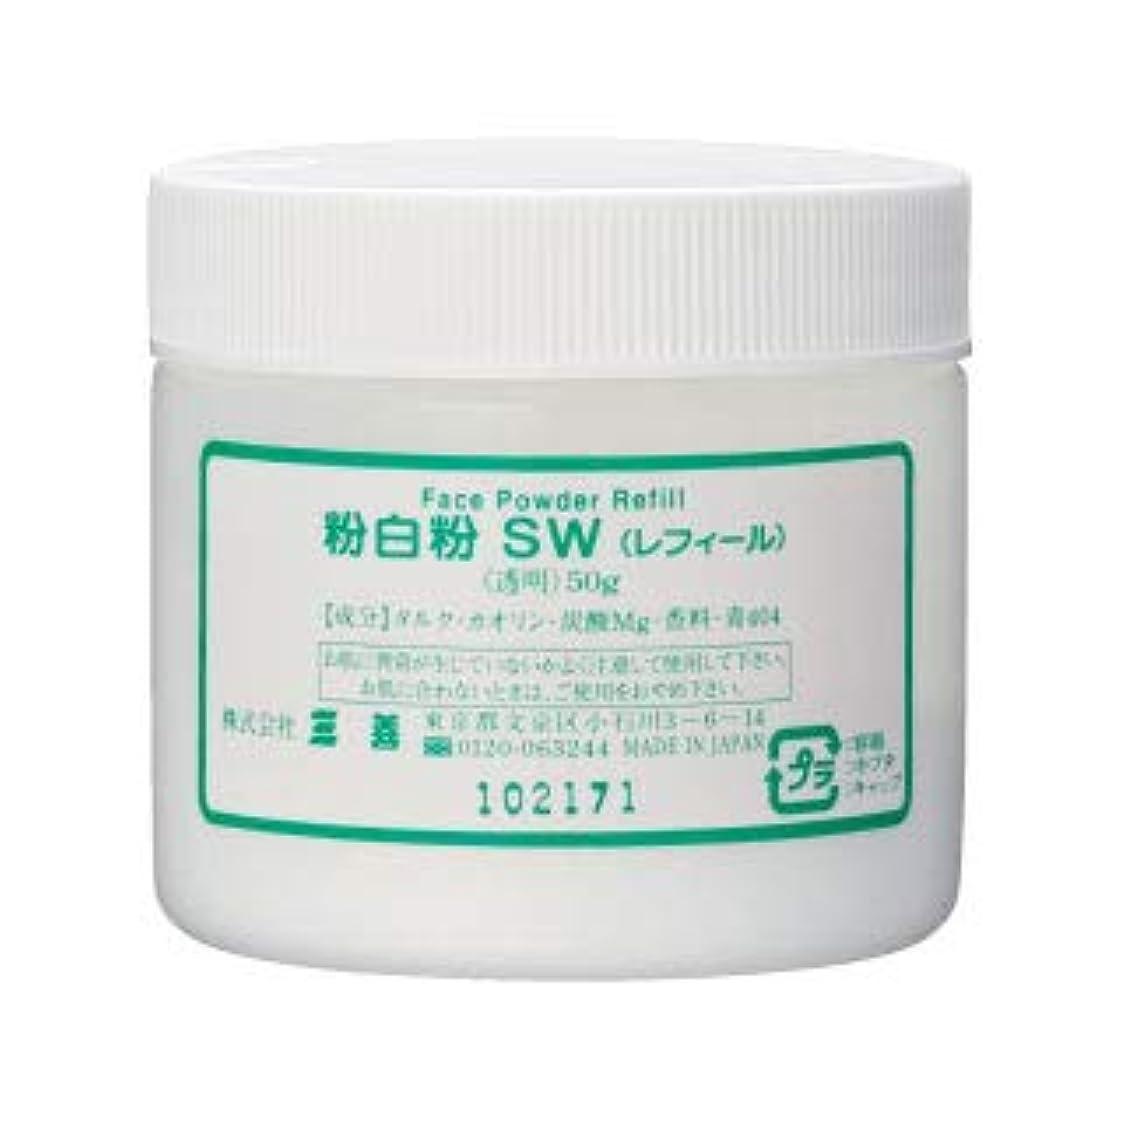 配管くびれた消化三善 粉白粉 レフィール SW透明